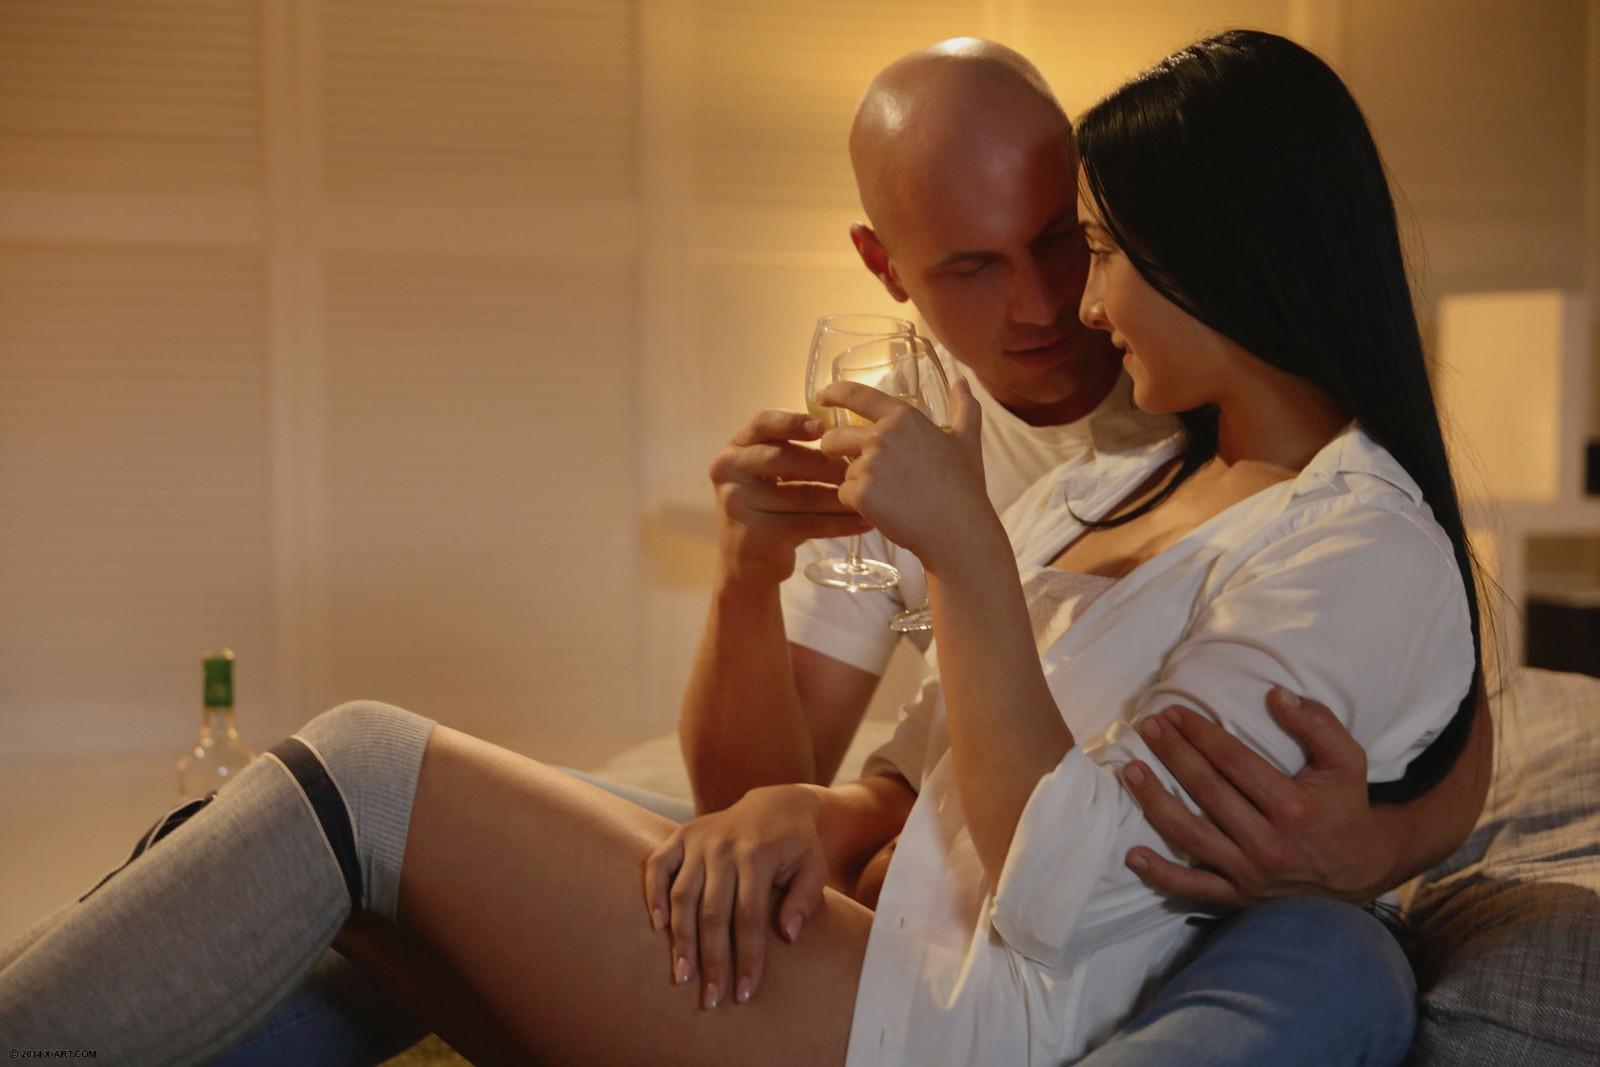 Лысый паренек занимается красивым сексом с сексуальной брюнеткой